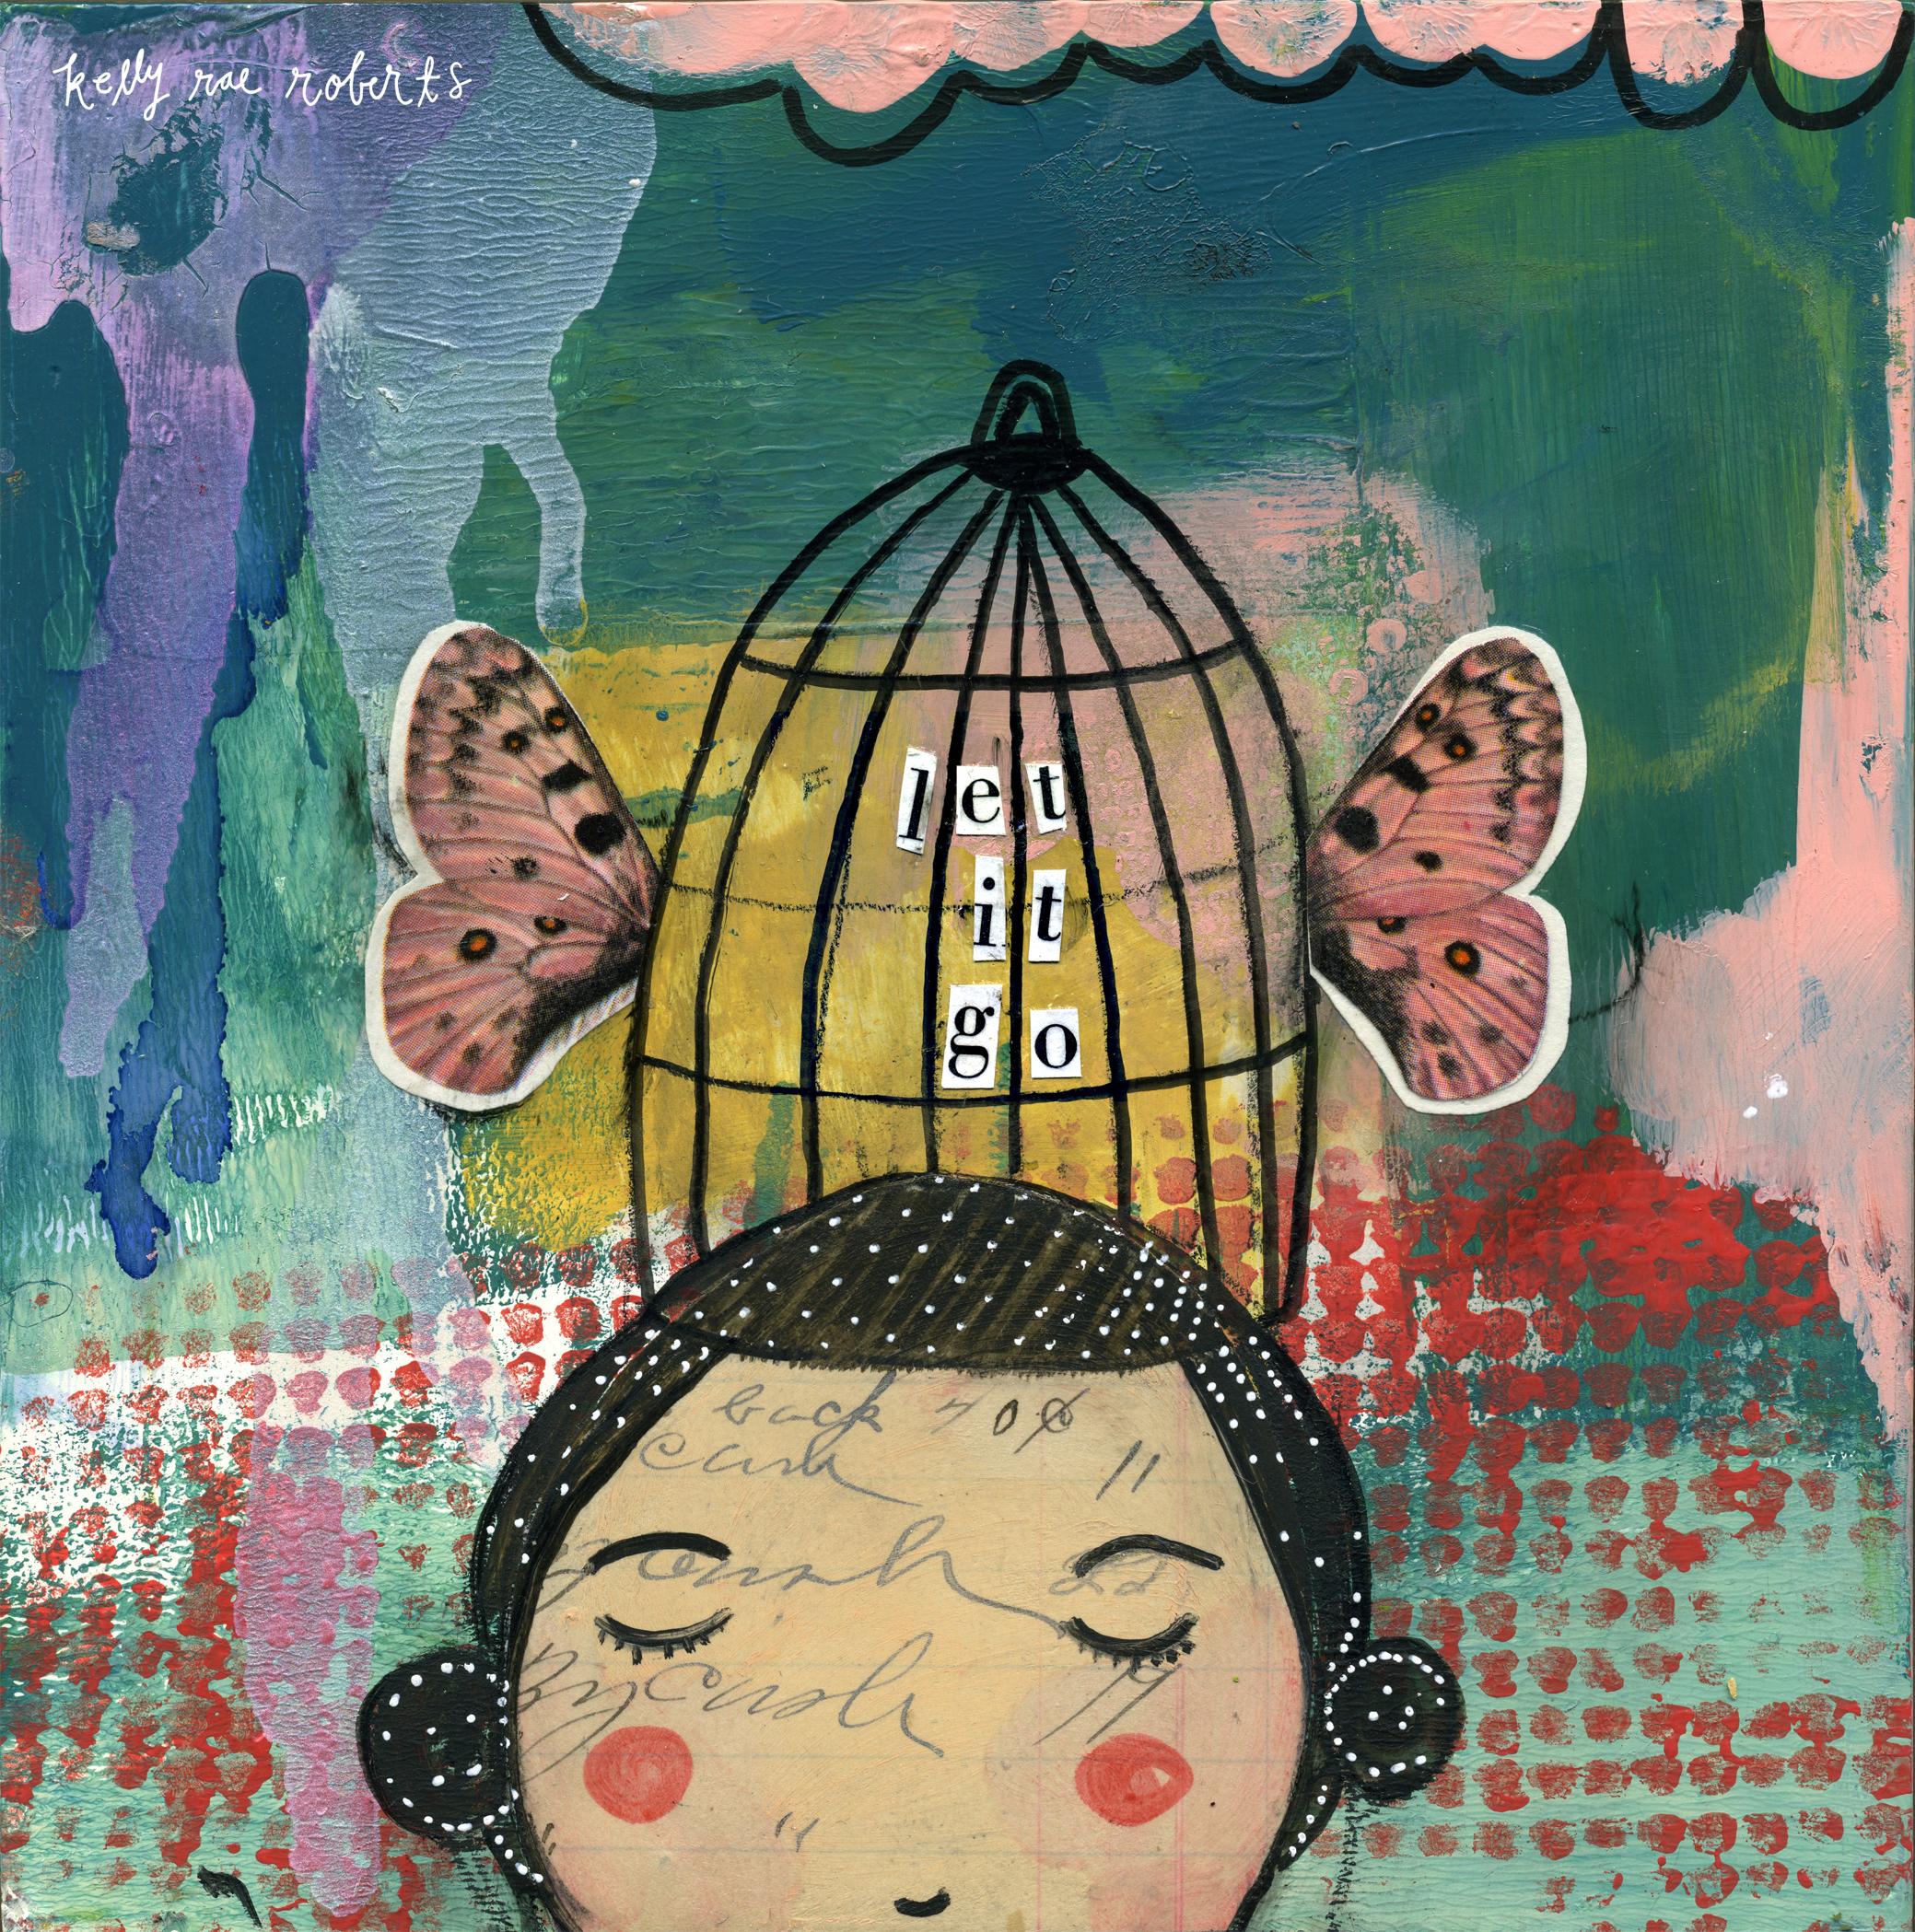 Kelly Rae Roberts Wall Art